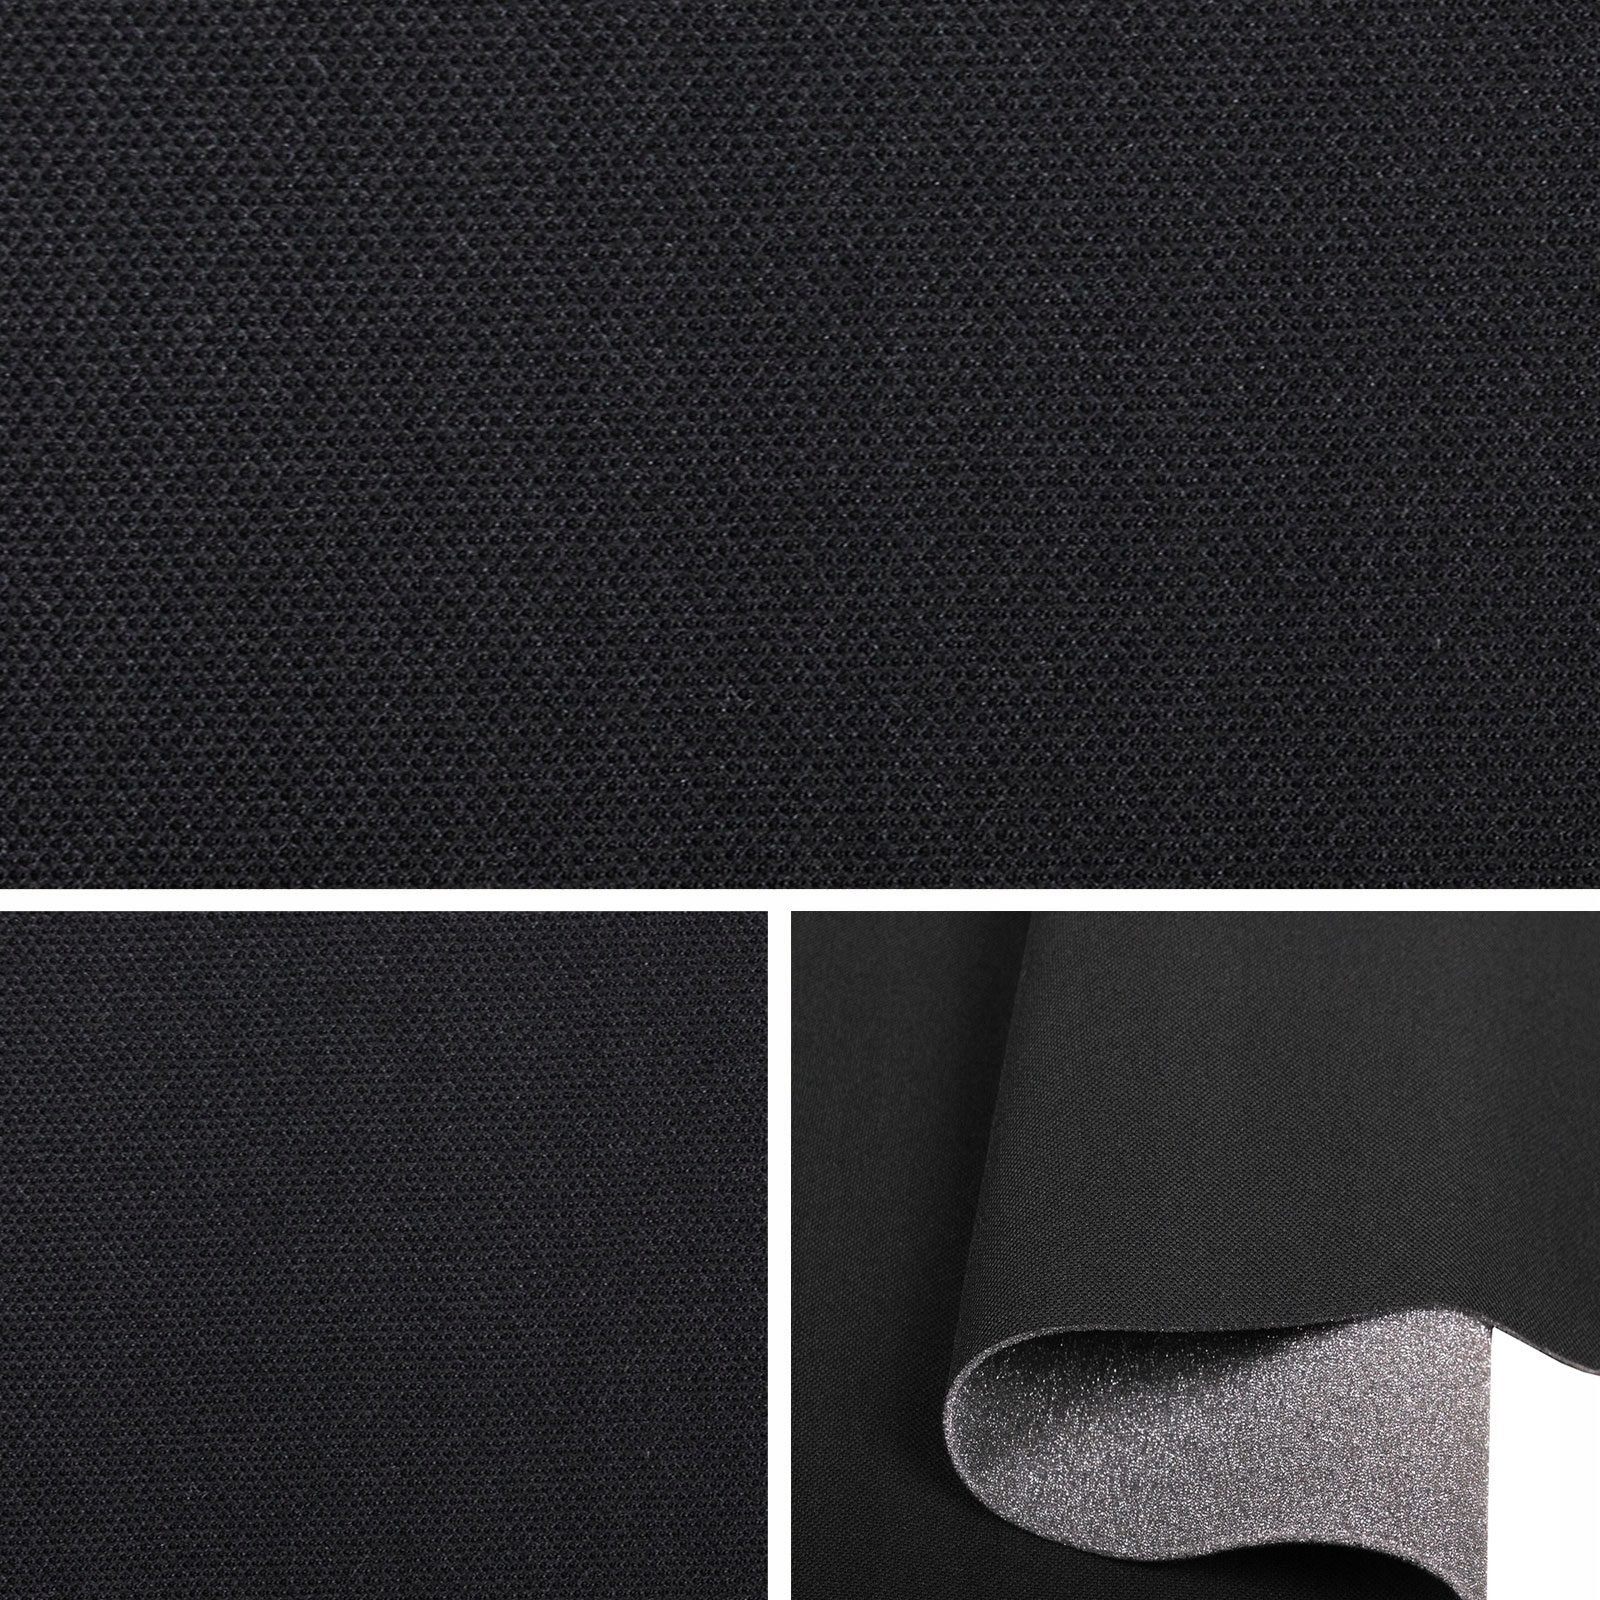 sam257 ткань автомобильная потолок черная